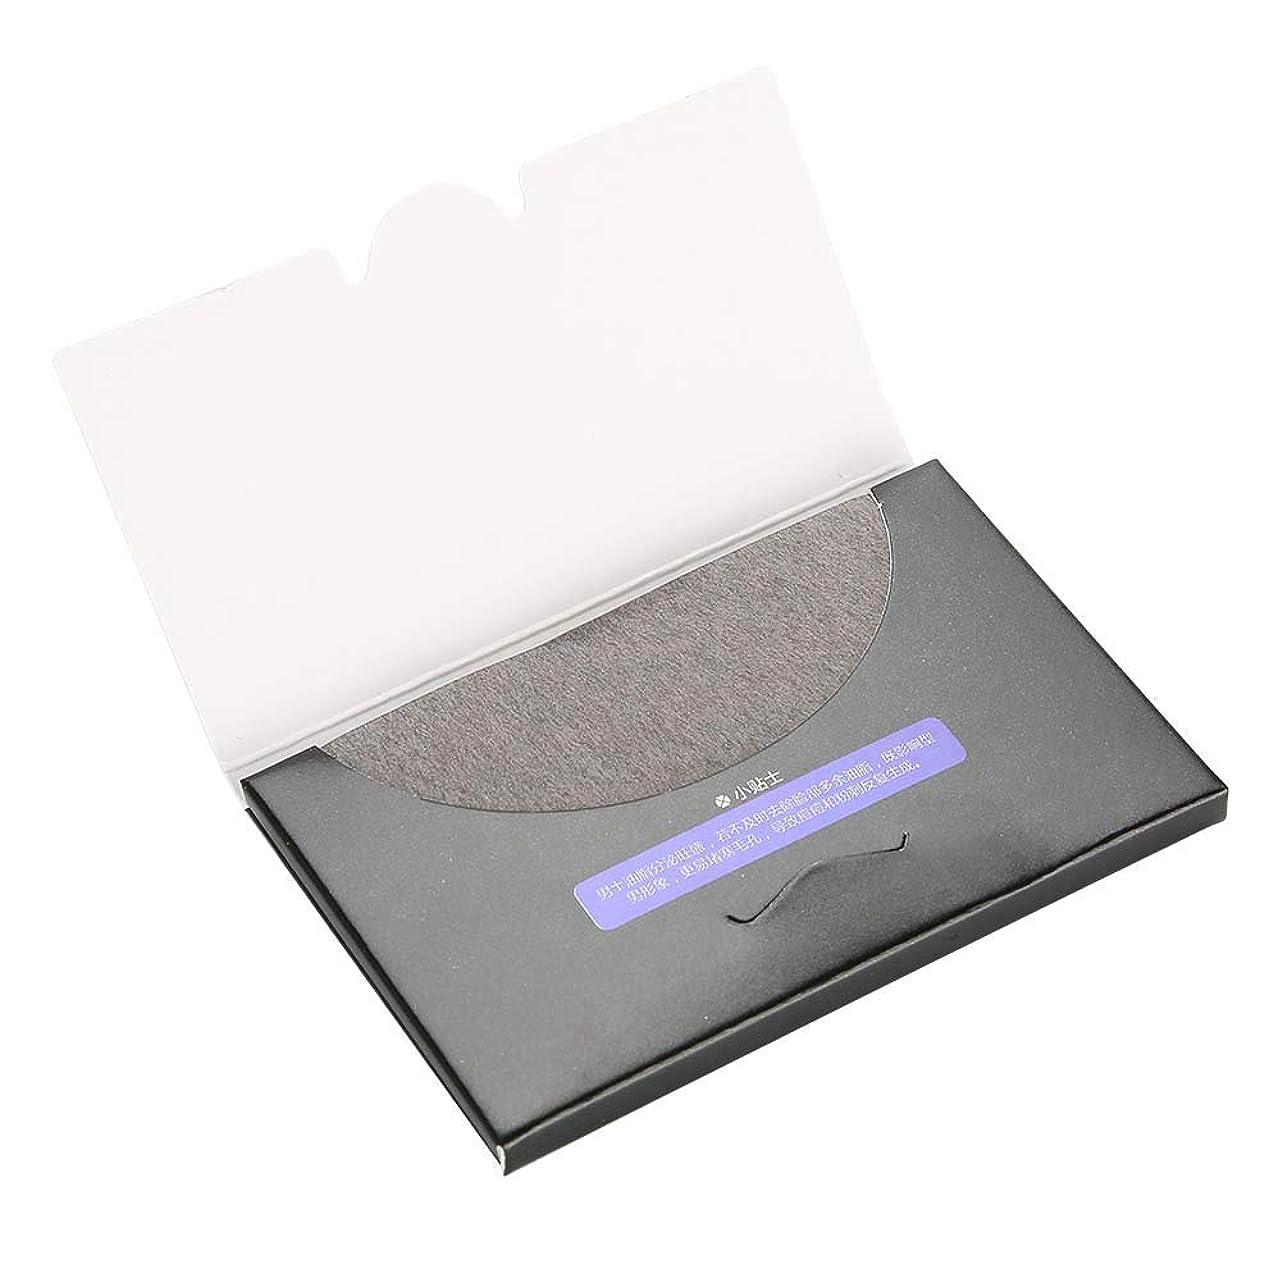 ジム腐食する稼ぐ80枚/袋吸油布 - 化粧フィルムのクリーニング、吸い取り紙の消去 - きれいな吸い取り紙